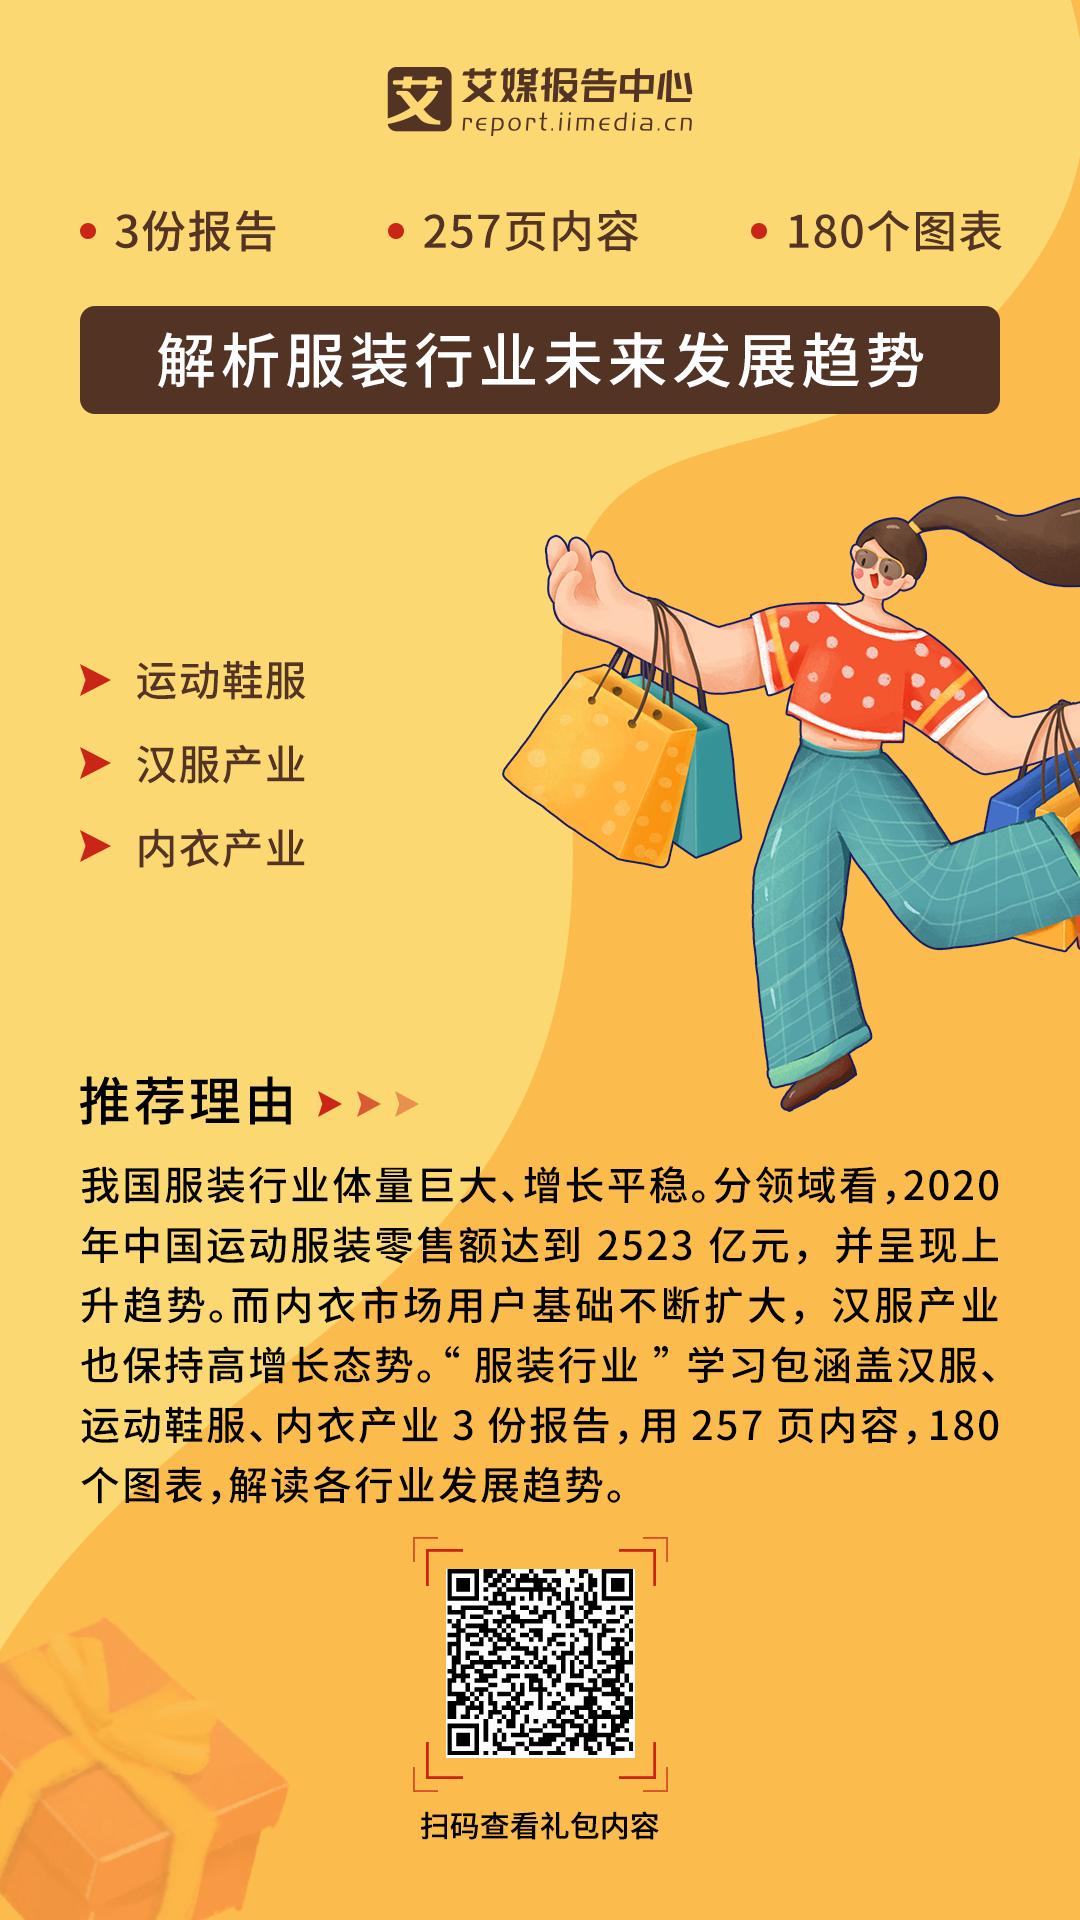 服装行业海报